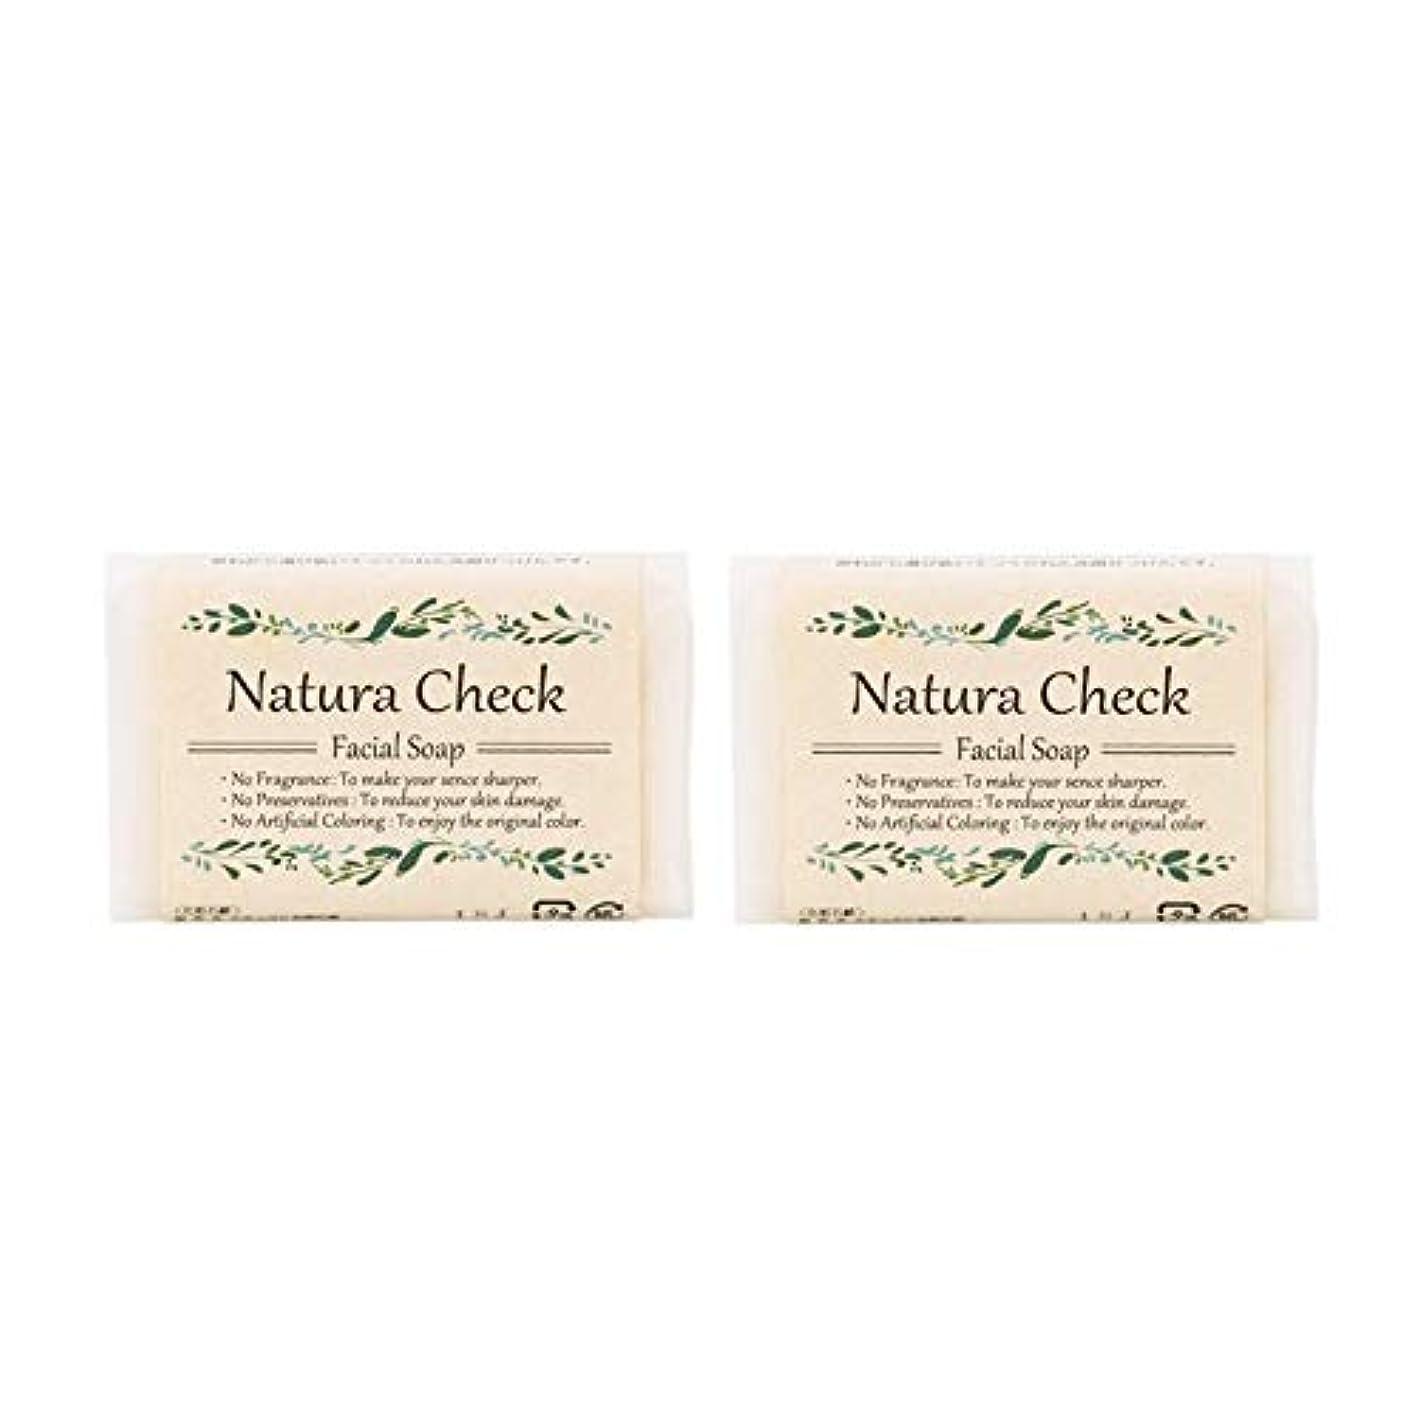 ベルト抗議道を作るNatura Check 無添加洗顔せっけん80g 2個セット 毛穴の黒ずみ、毛穴の開き、敏感肌、乾燥肌対策に 新生児やアトピー肌にも安心